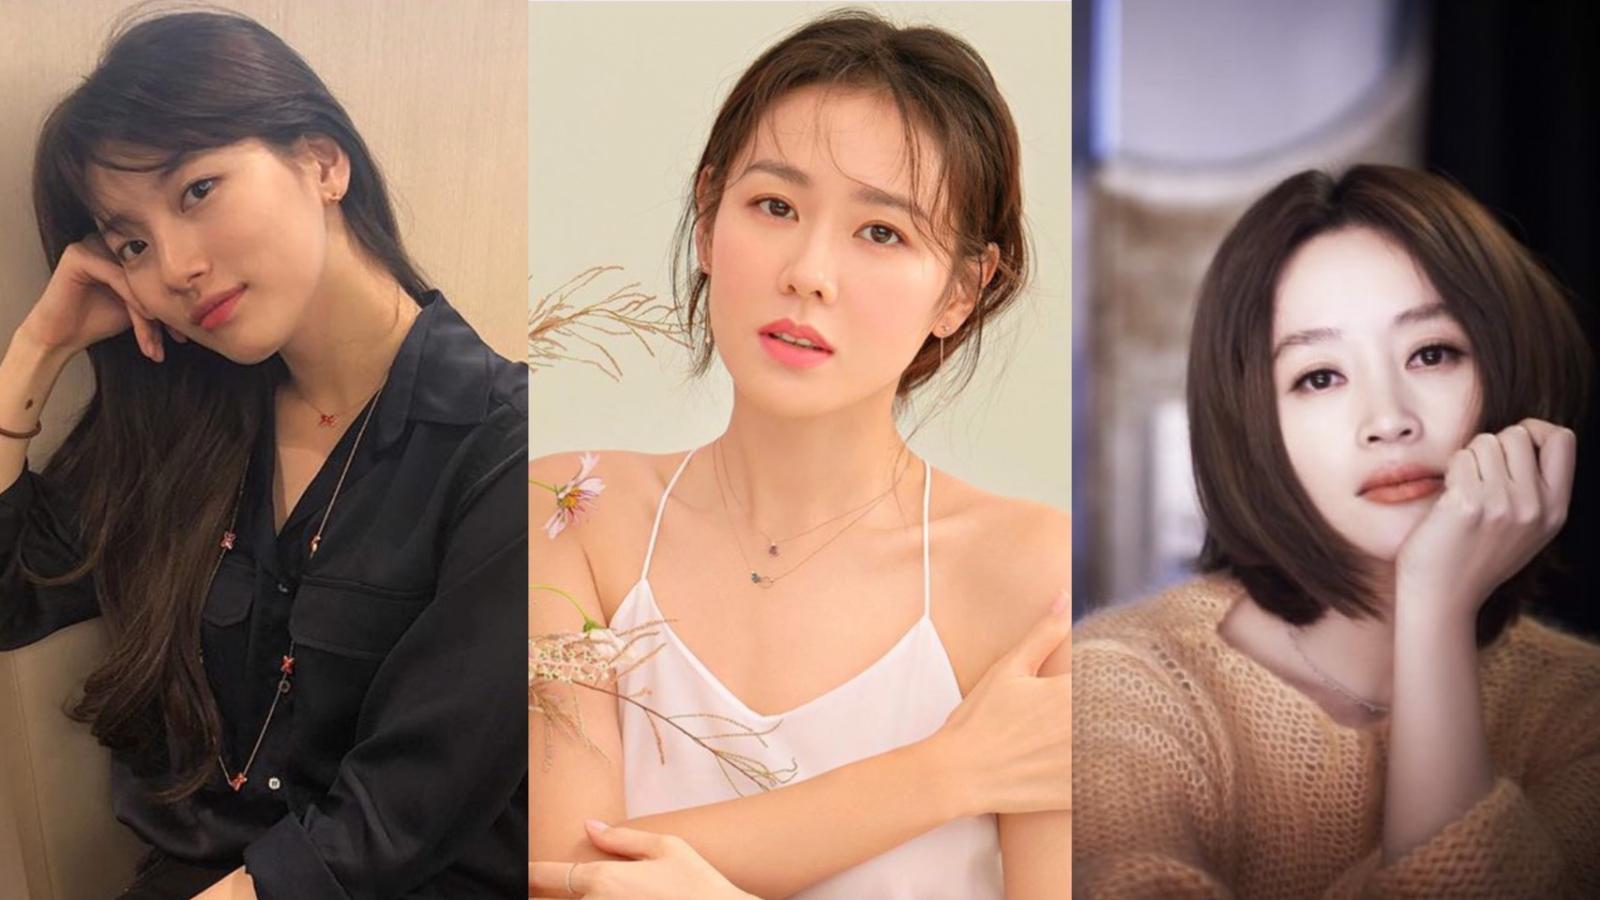 韩国三级讲途两个男人一起去叫小姐南韓娛樂圈競爭激烈美女如雲雪白水嫩的肌膚精緻的五官和窈窕好身材都只是最基本的各種不同風格的美女到底誰才是南韓人心目中真正的美人呢由KBS文化研究所製作韓國最美女星排行榜出爐前三名都是國民女神第一名更是讓人心服口服讓我們一探究竟韓國十大最美女星有誰吧.(图15)